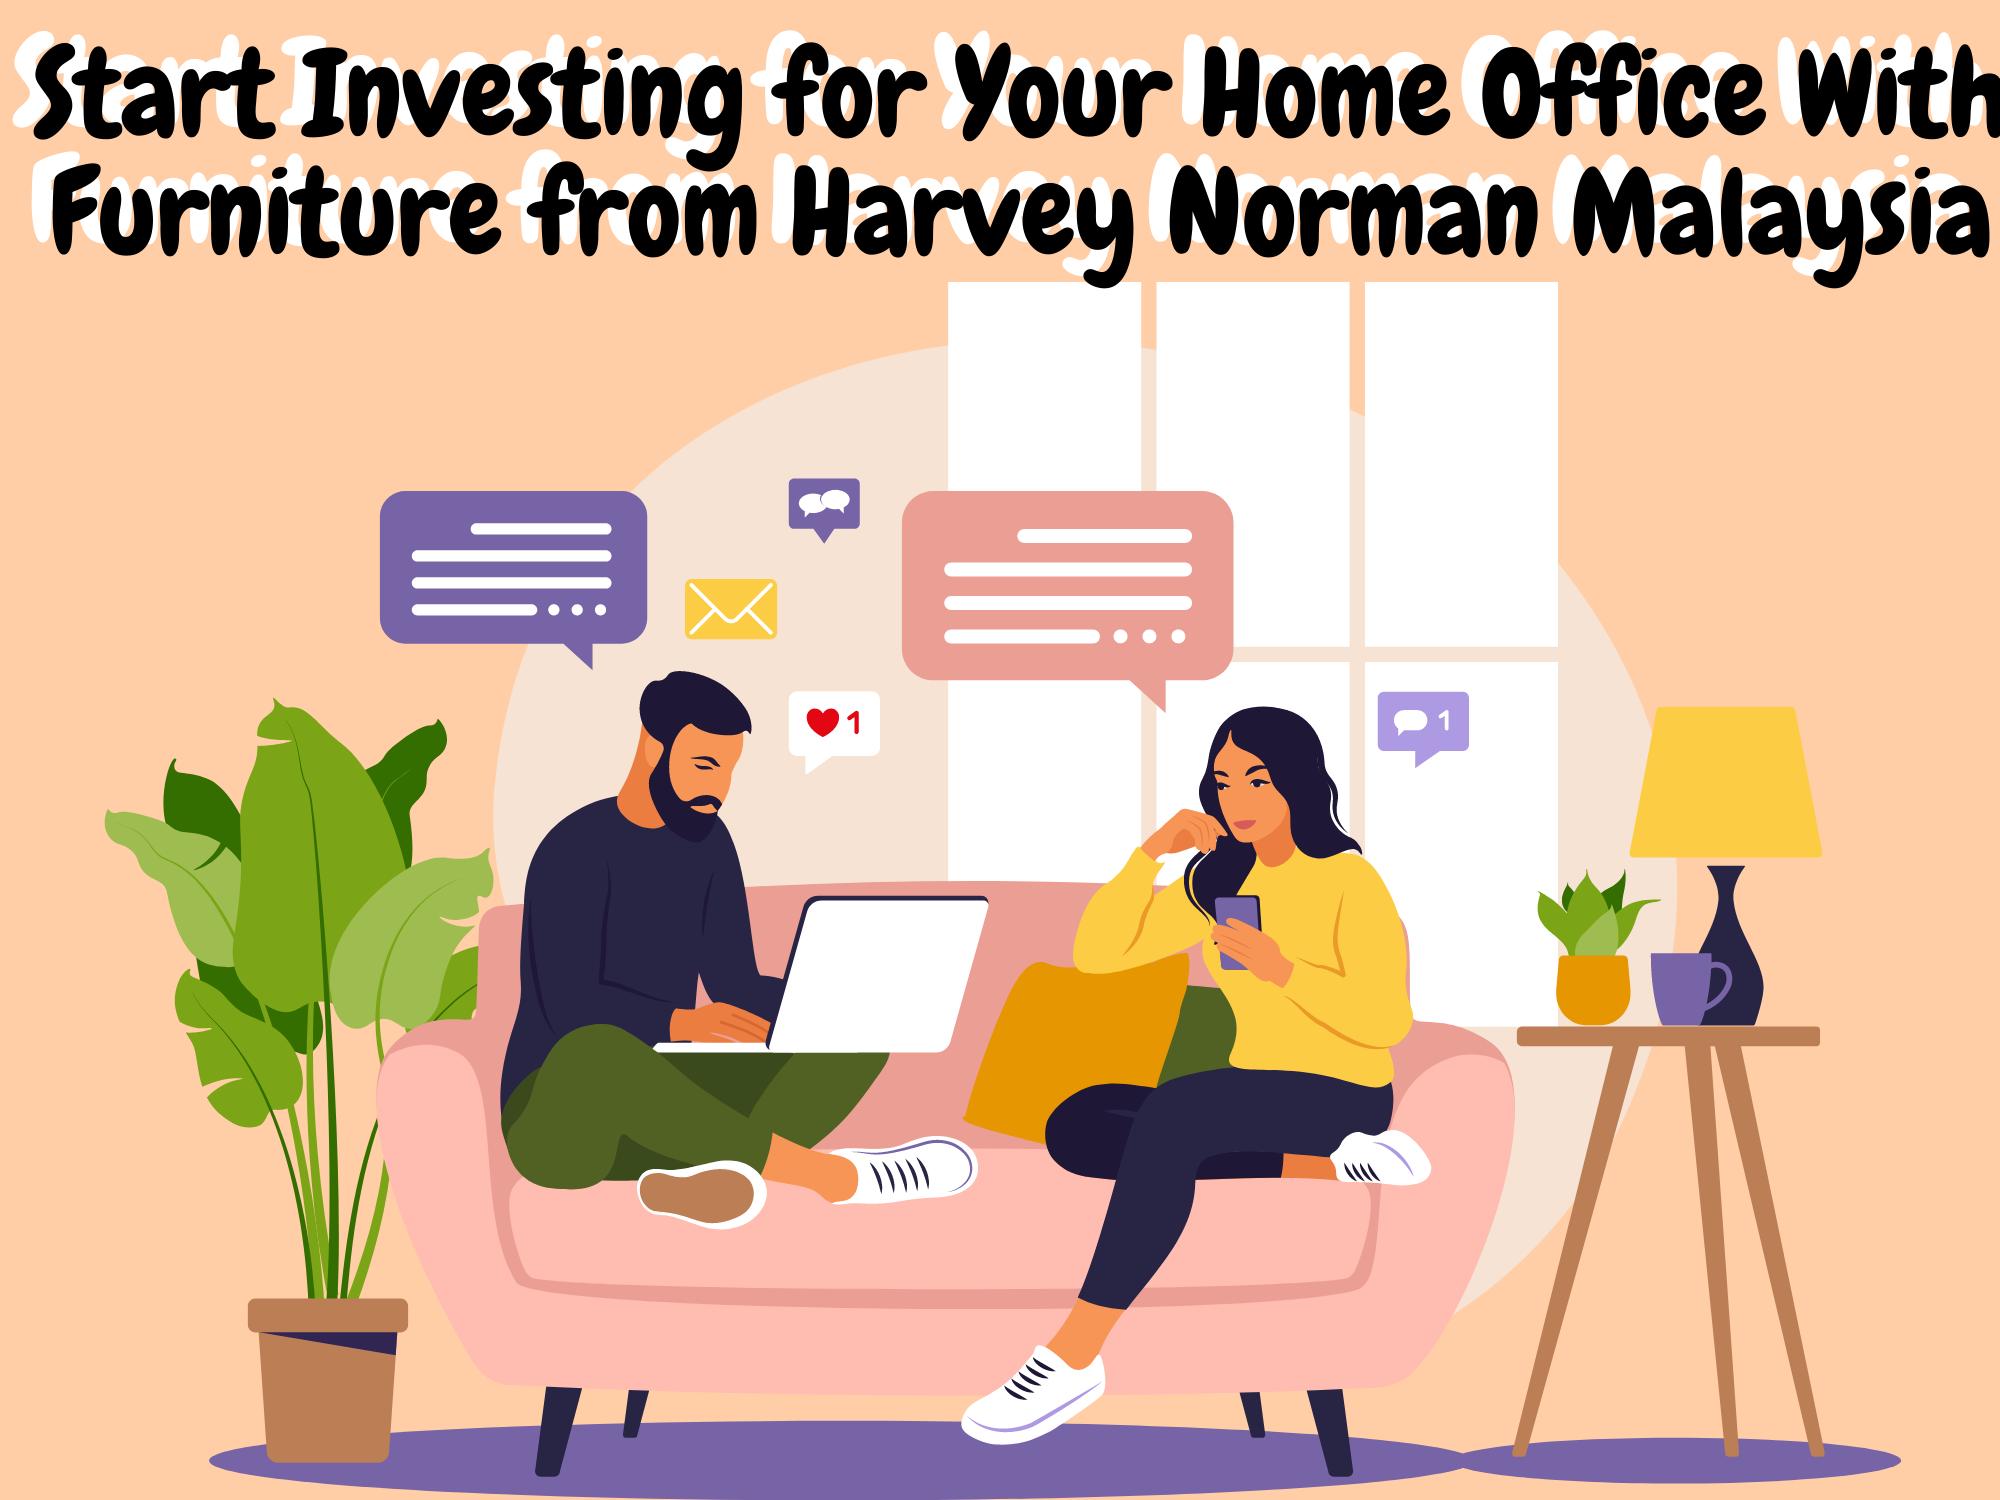 Mulai-Berinvestasi-untuk-Rumah-Kantor-Anda-Dengan-Mebel-dari-Harvey-Norman-Malaysia